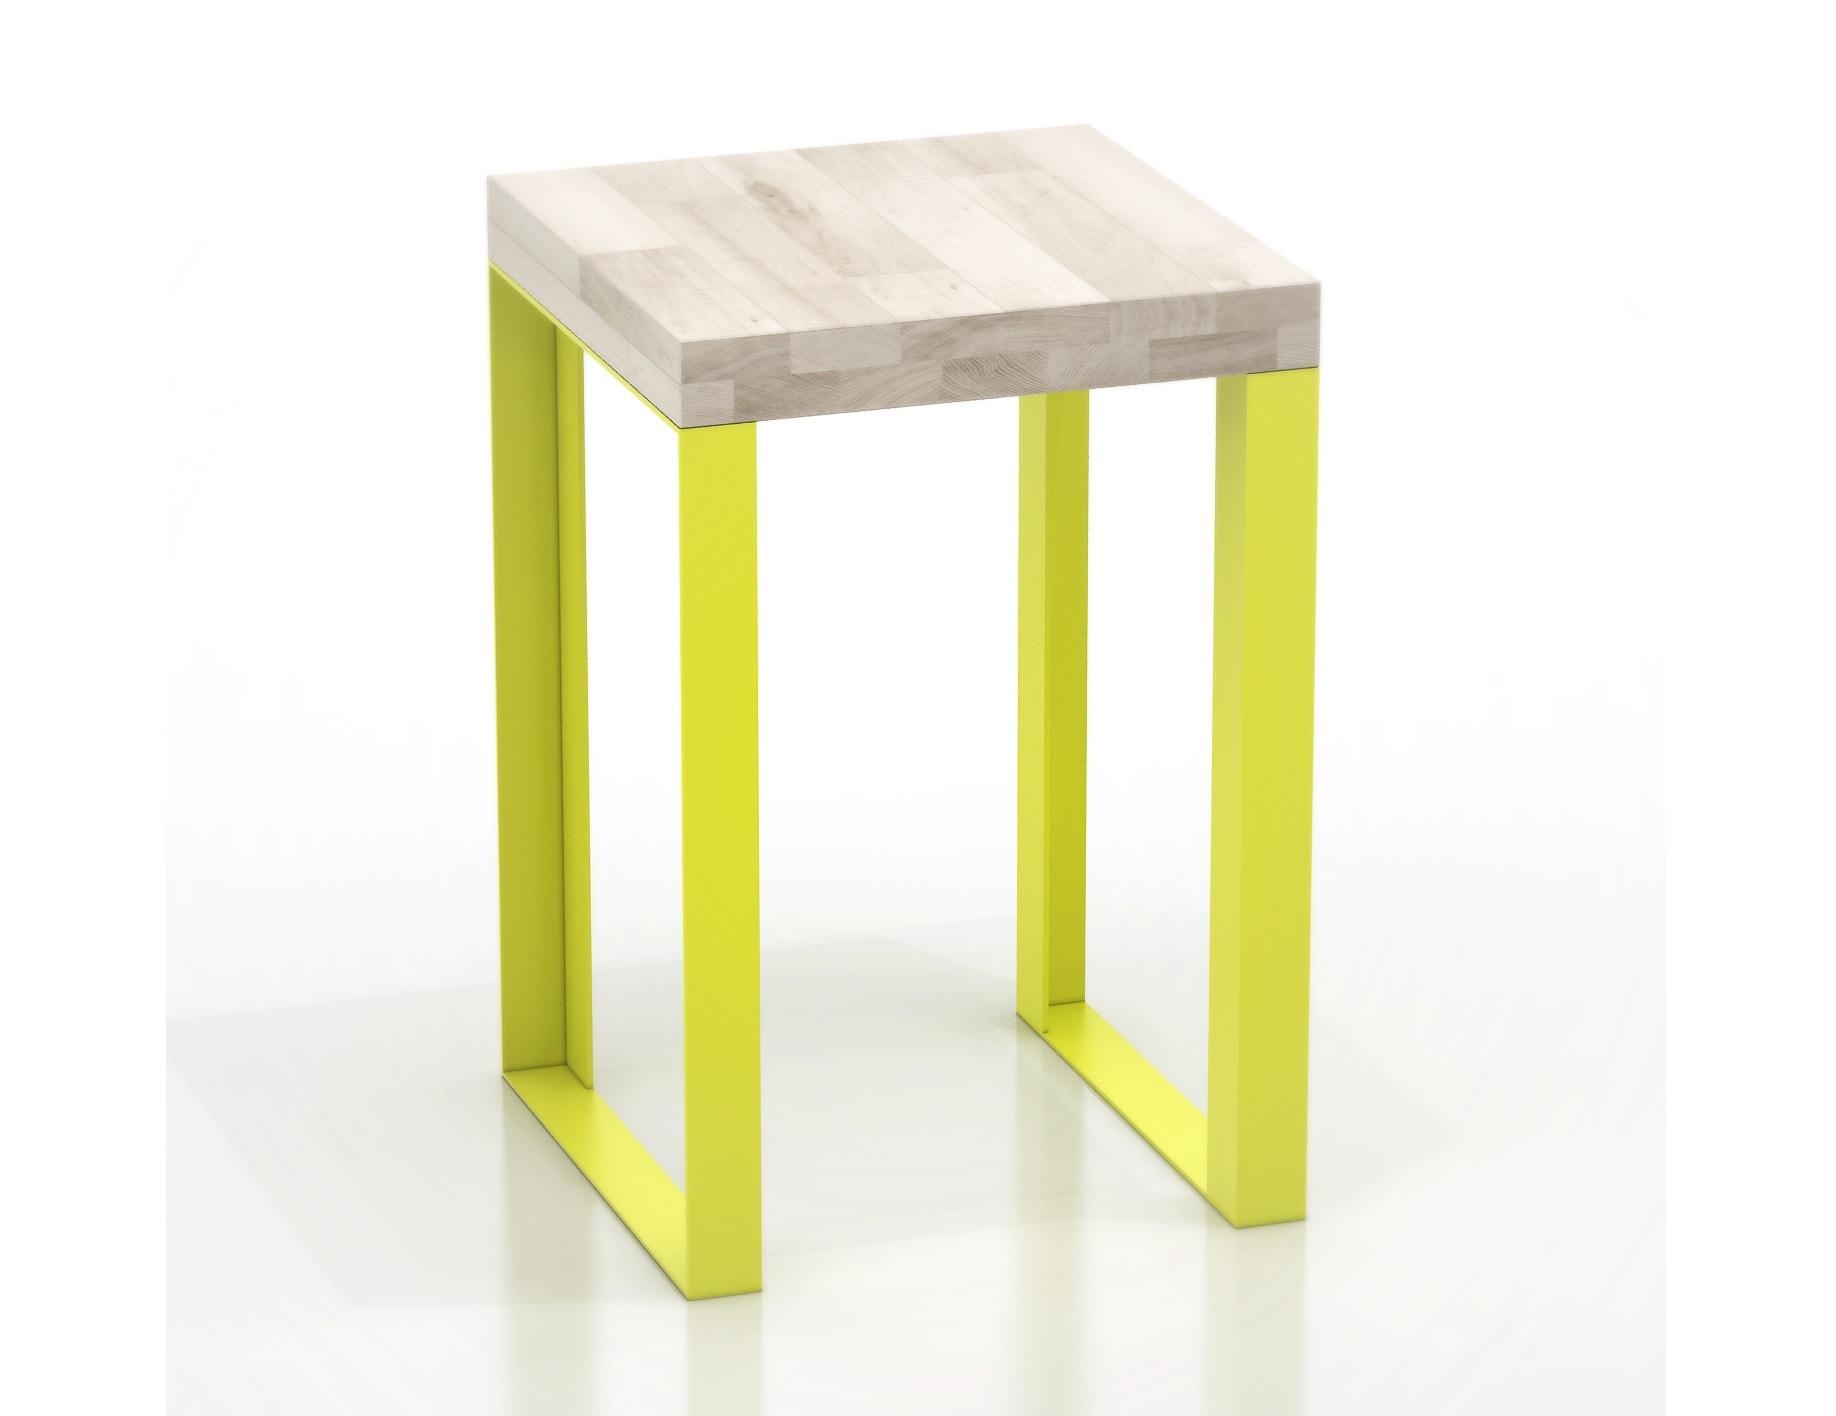 Стол барный Metalstripe oakБарные столы<br>Материал: дубовый мебельный щит, стальная труба 3 х 3 см. На основание крепится мебельный войлок.&amp;lt;div&amp;gt;&amp;lt;br&amp;gt;&amp;lt;/div&amp;gt;&amp;lt;div&amp;gt;Возможно изготовление любых размеров, стоимость необходимо уточнять.&amp;lt;/div&amp;gt;&amp;lt;div&amp;gt;Ширина: 60-300 см, глубина: 60-100 см, высота: 91/101/111/121 см.&amp;lt;/div&amp;gt;<br><br>Material: Дуб<br>Ширина см: 60<br>Высота см: 91<br>Глубина см: 60